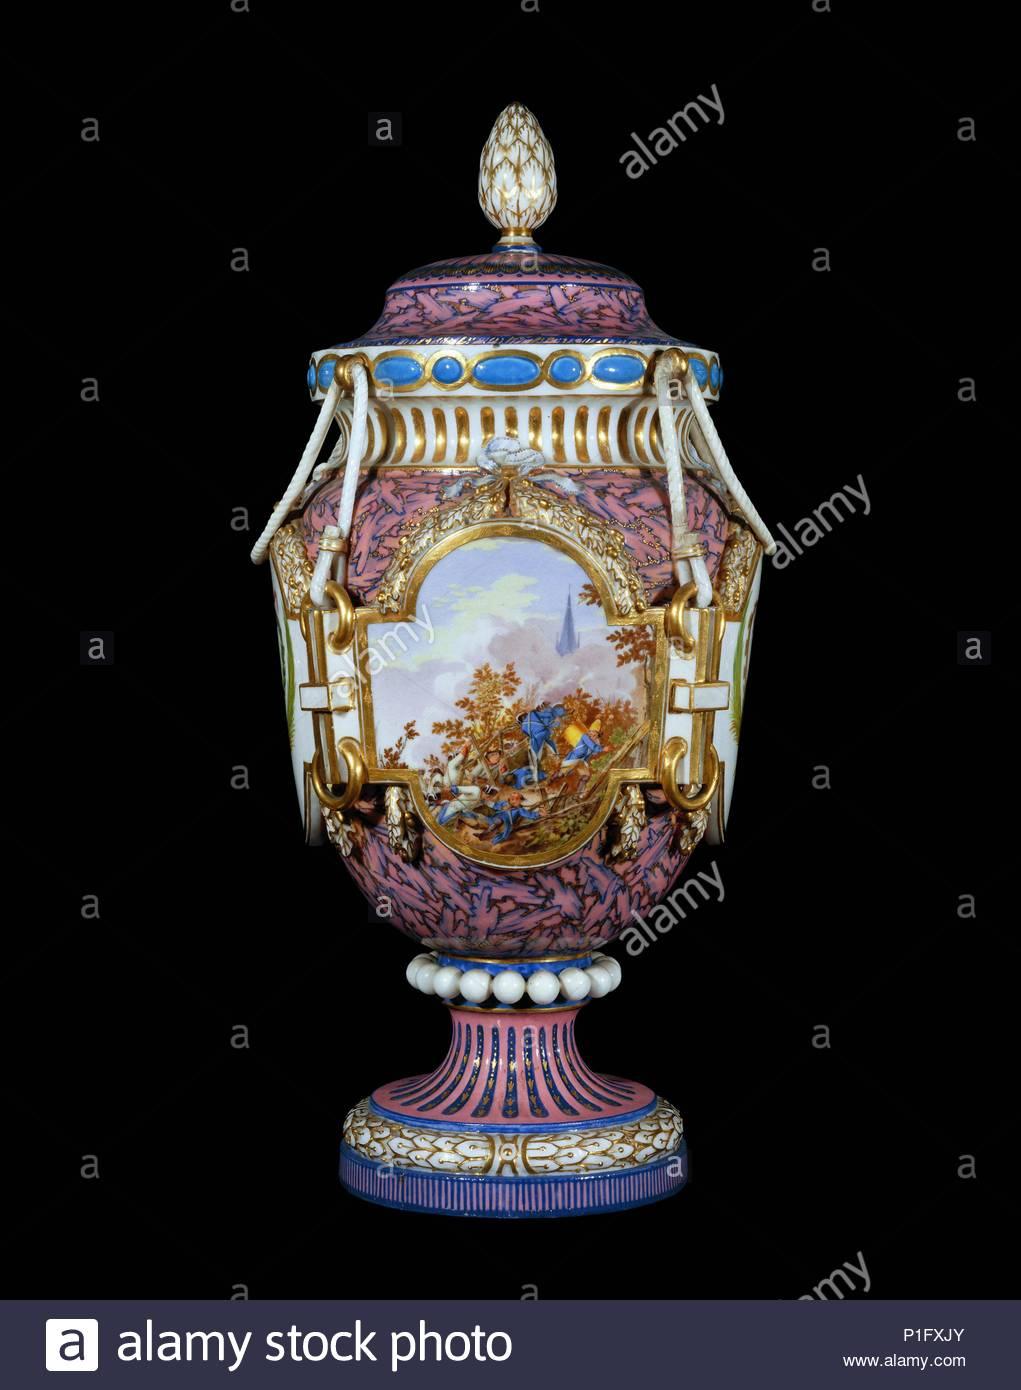 sevres vase france stock photos sevres vase france stock images alamy. Black Bedroom Furniture Sets. Home Design Ideas